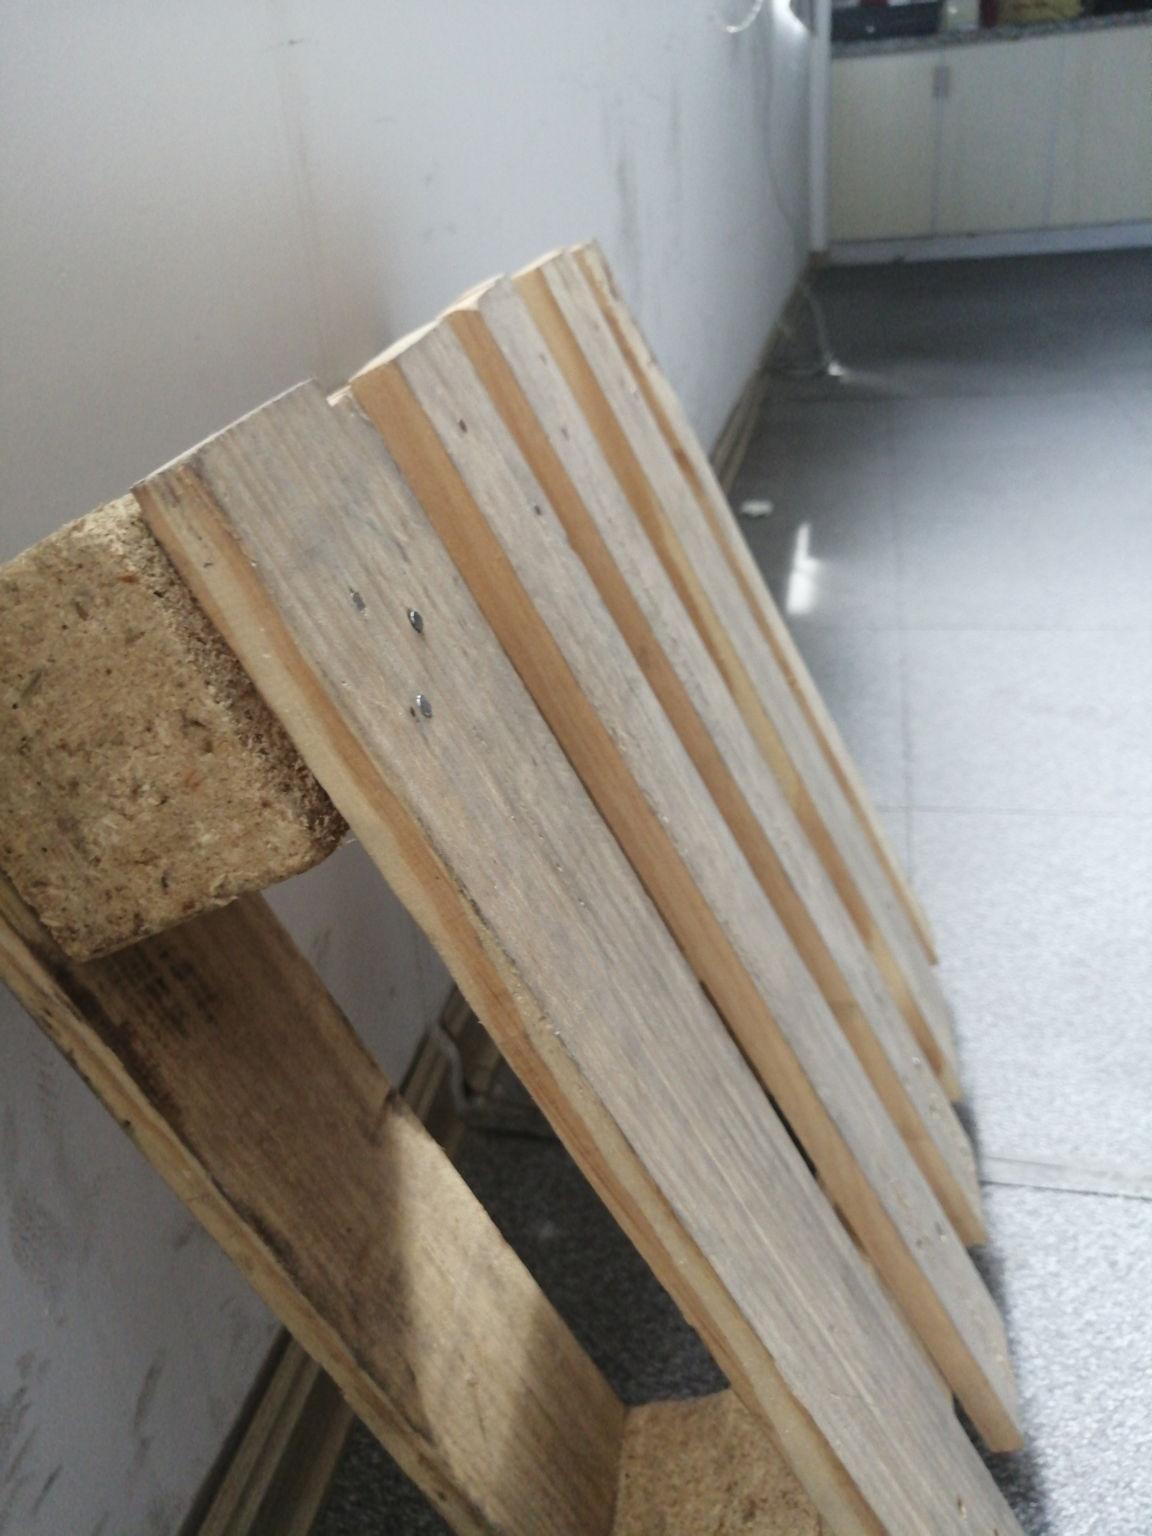 嘉兴销售周转木托盘生产厂家实例销售公司产品用途